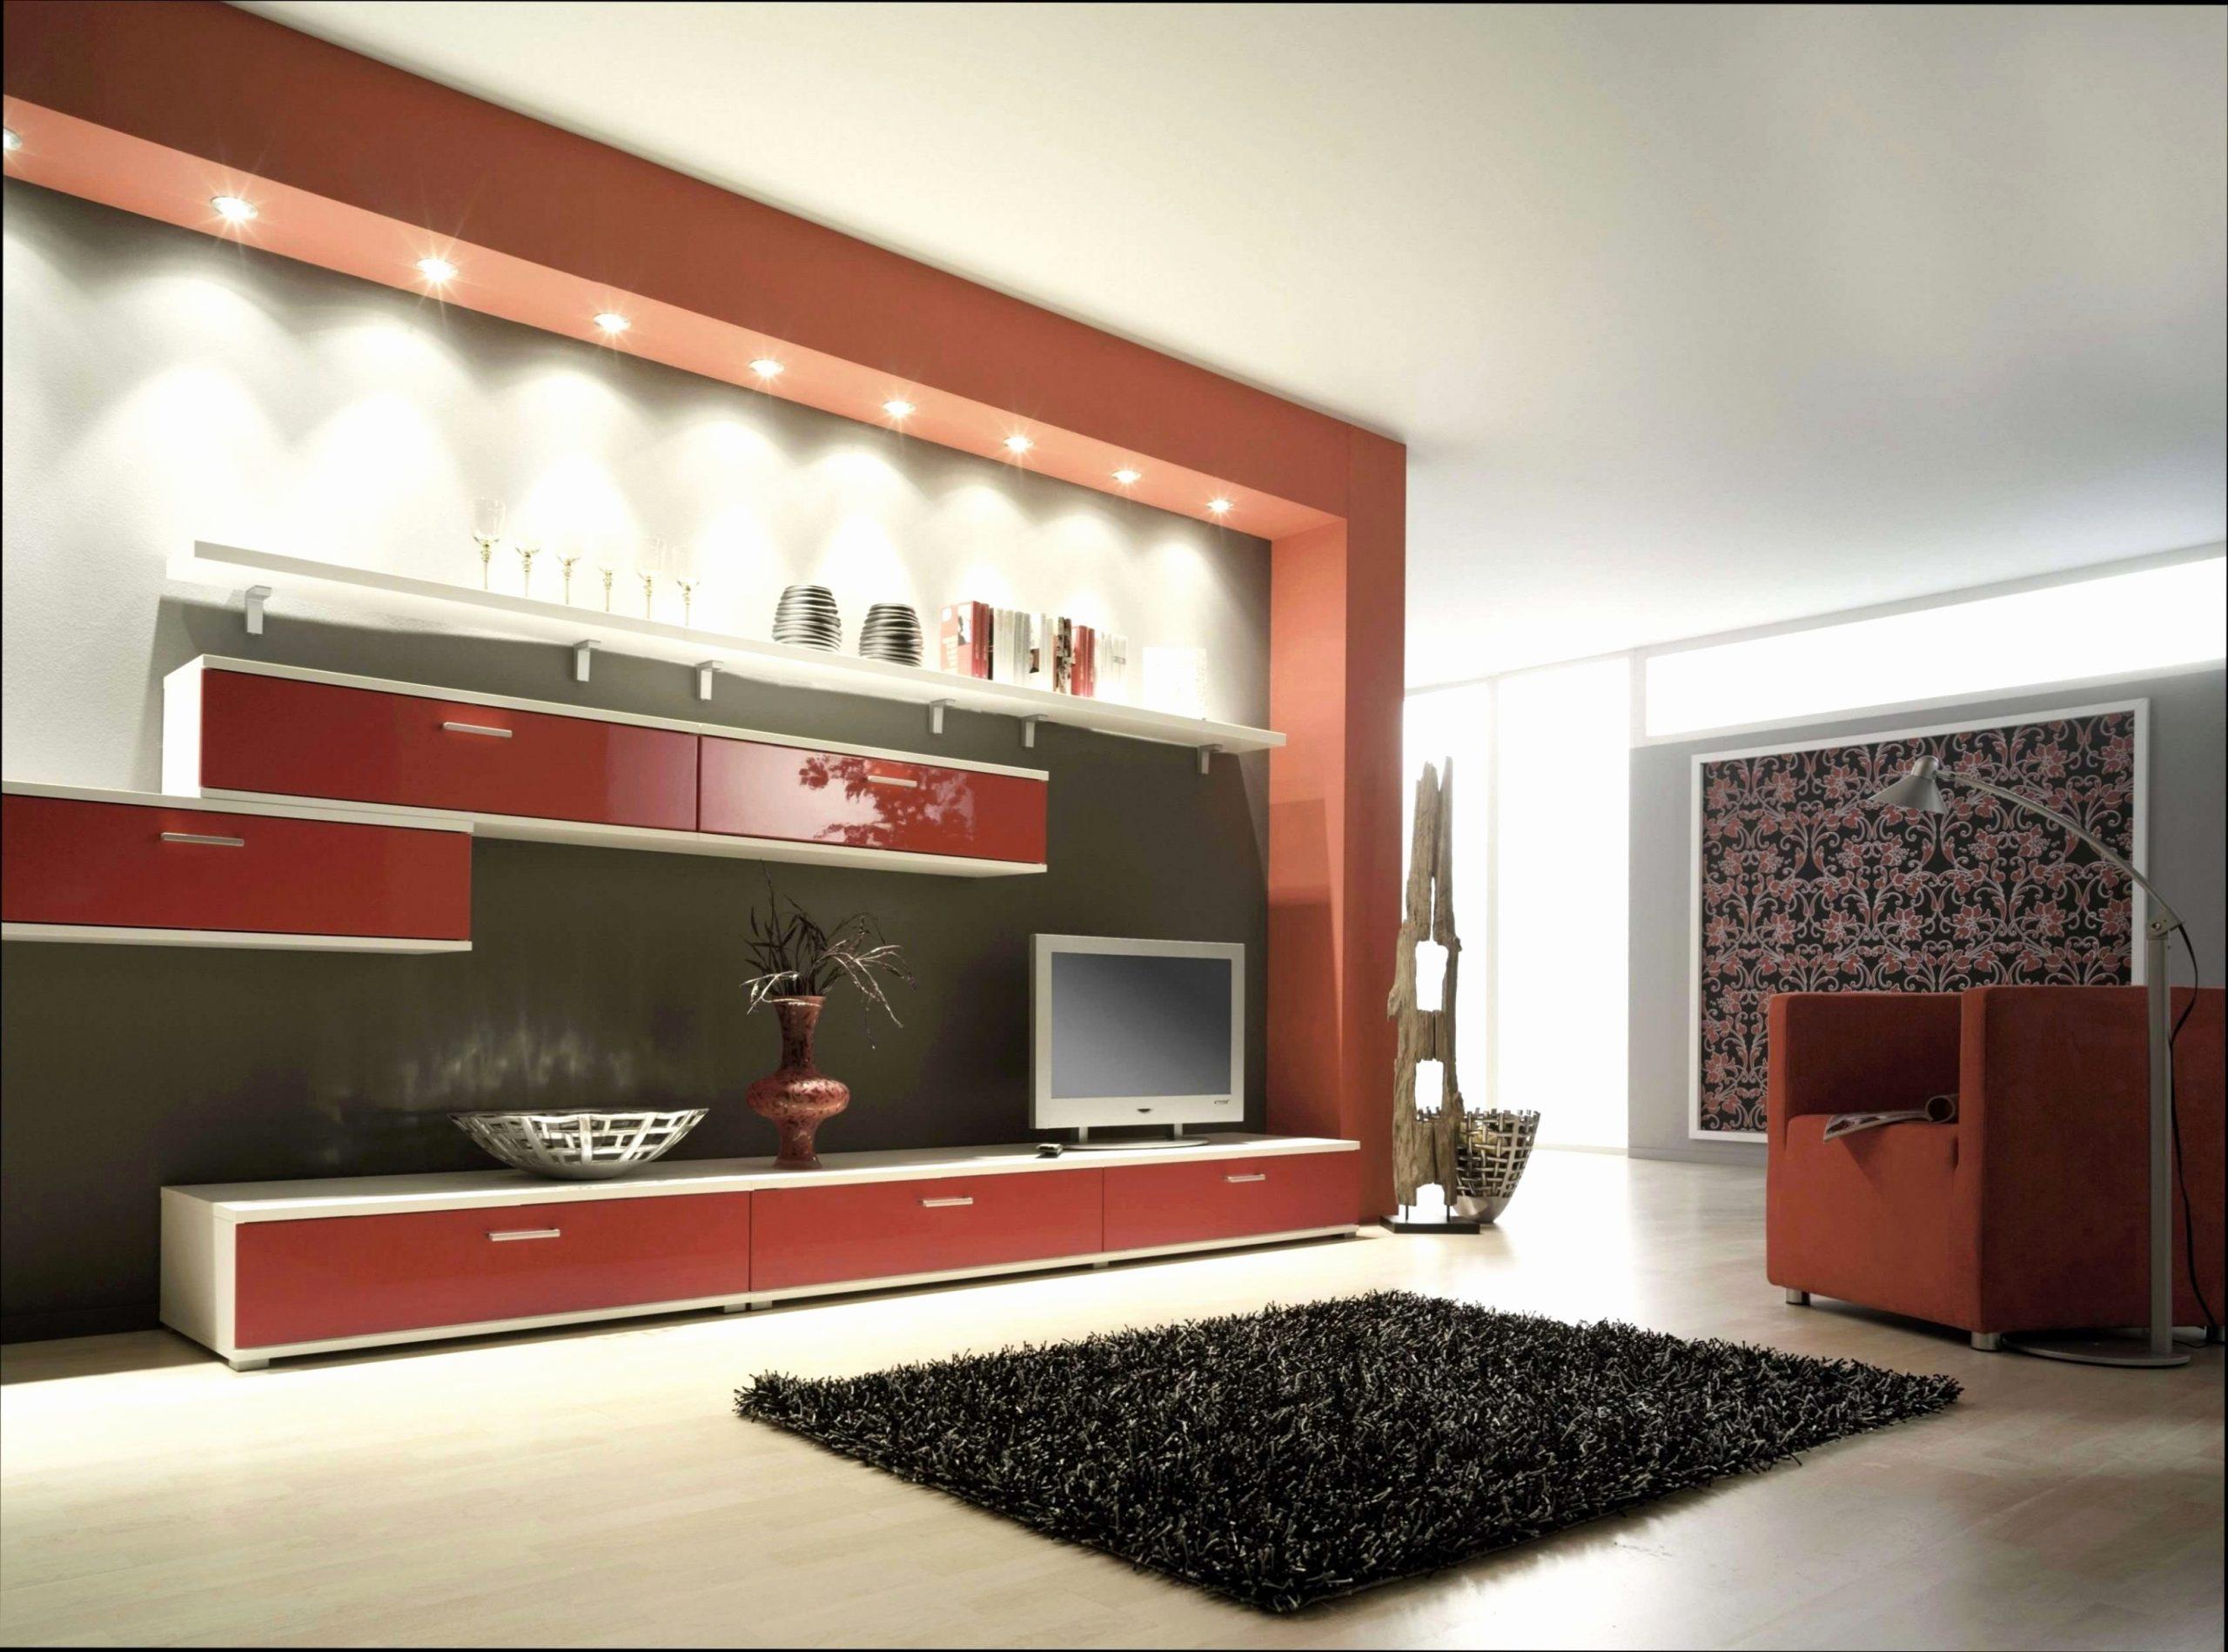 Full Size of Gardinen Für Küche Tischlampe Wohnzimmer Led Beleuchtung Deckenlampe Fenster Deckenleuchten Schlafzimmer Deckenleuchte Fototapete Hängeleuchte Wohnzimmer Gardinen Wohnzimmer Kurz